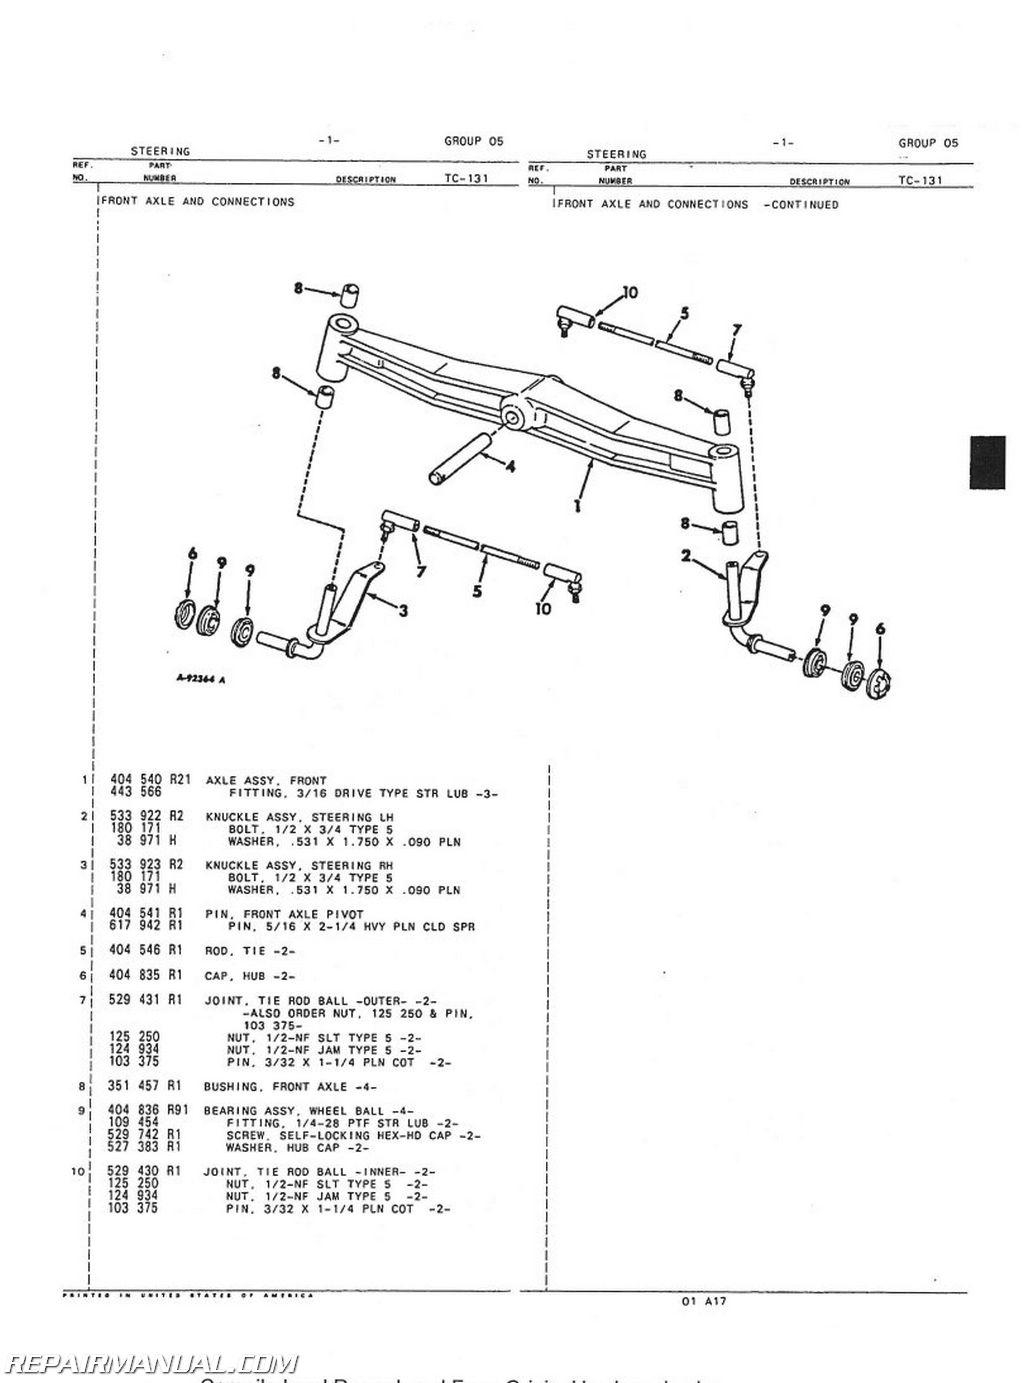 hight resolution of 154 international harvester wiring schematics simple wiring diagram u2022 basic house wiring schematics 154 international harvester wiring schematics